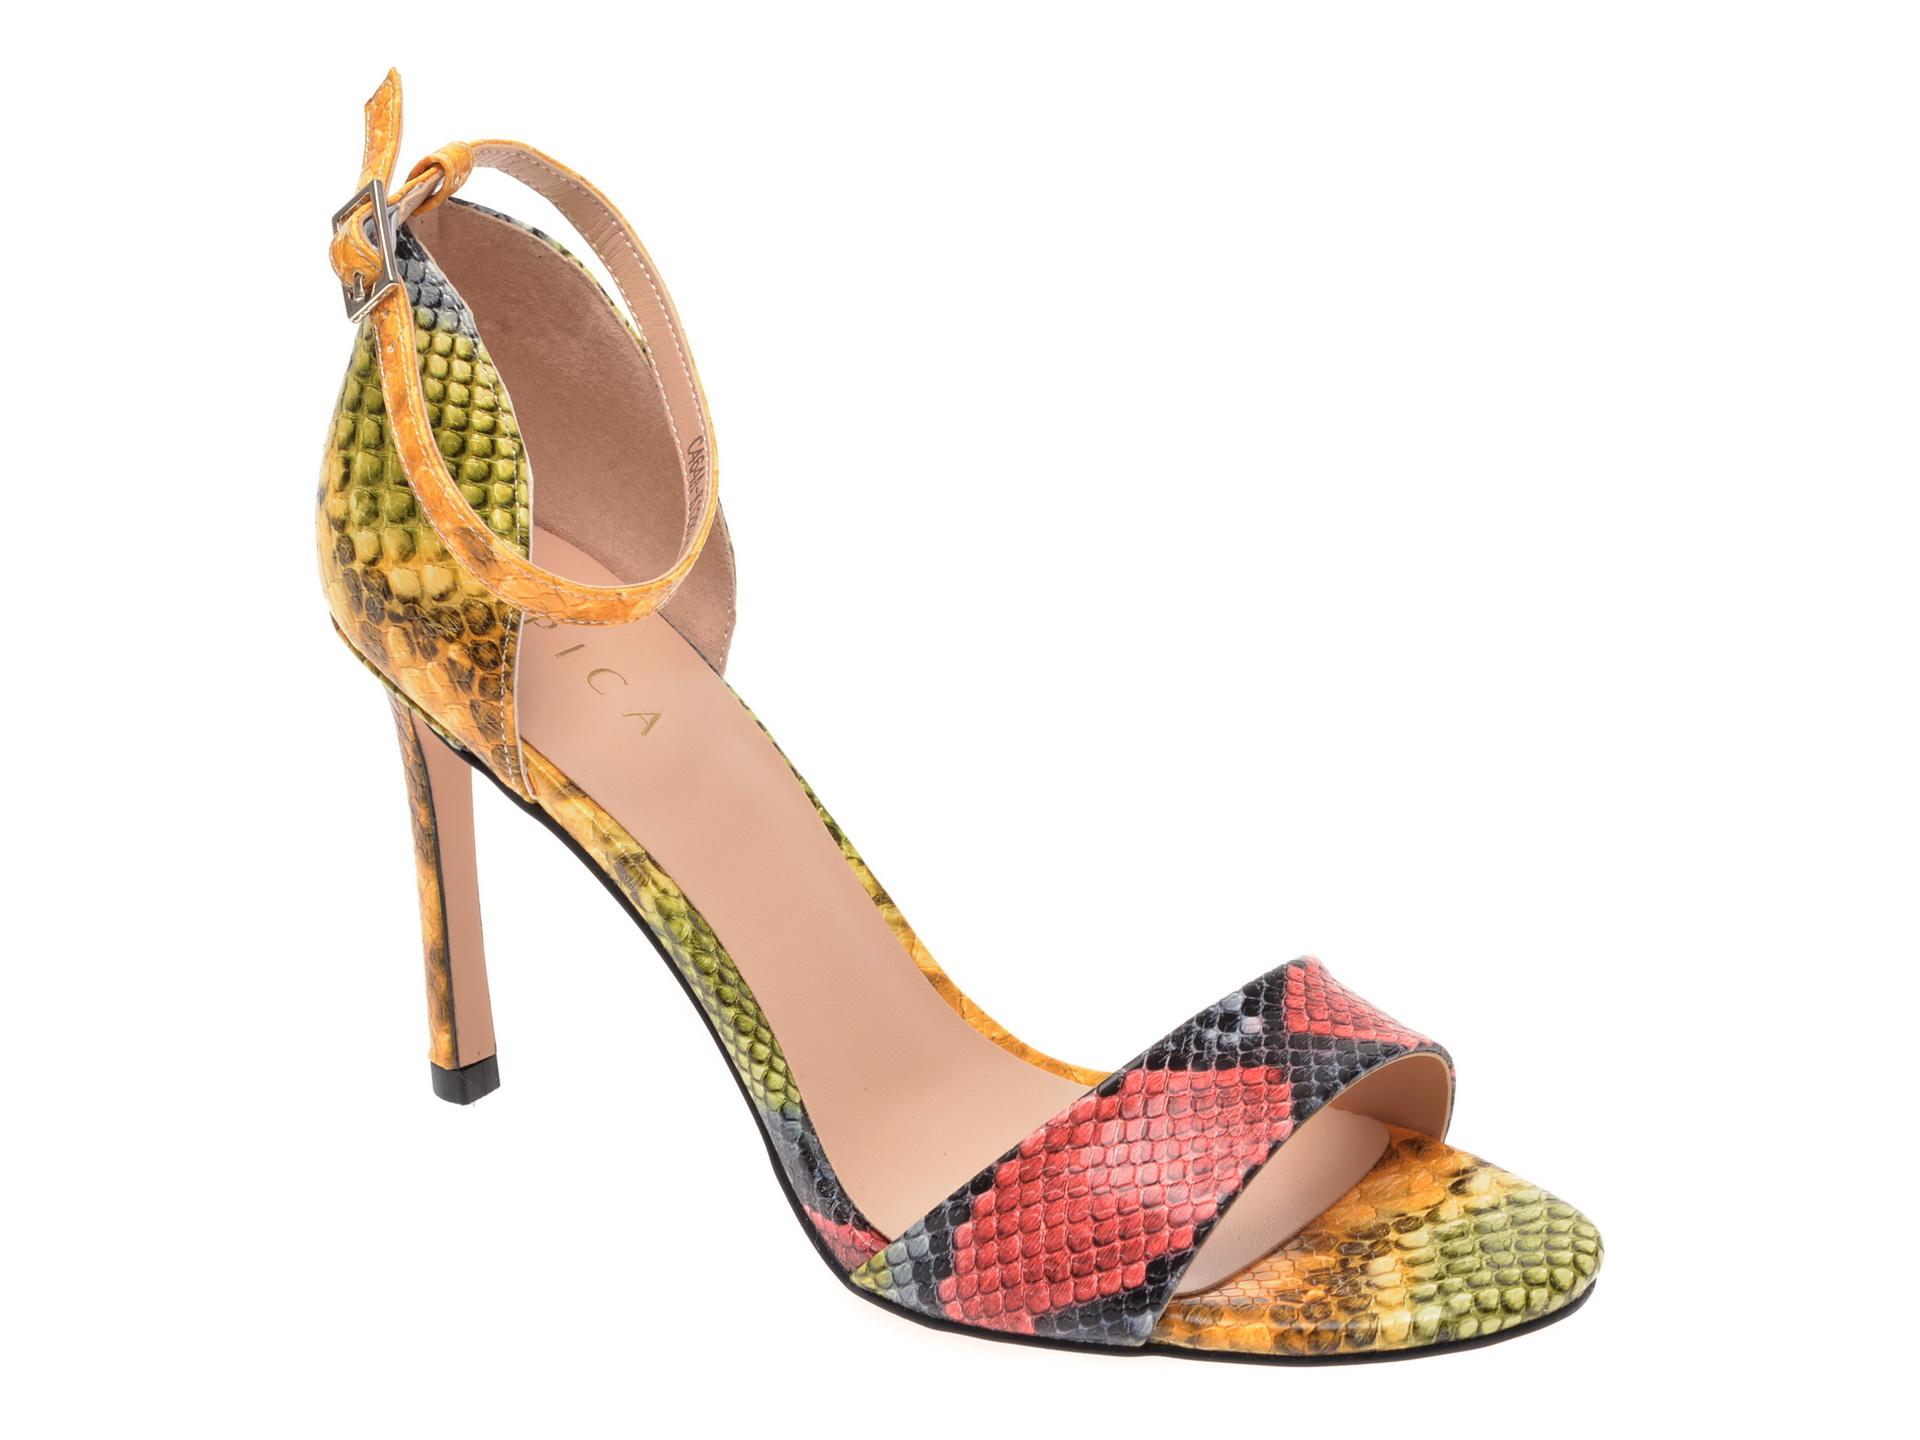 Sandale EPICA multicolor, C464AK1, din piele ecologica